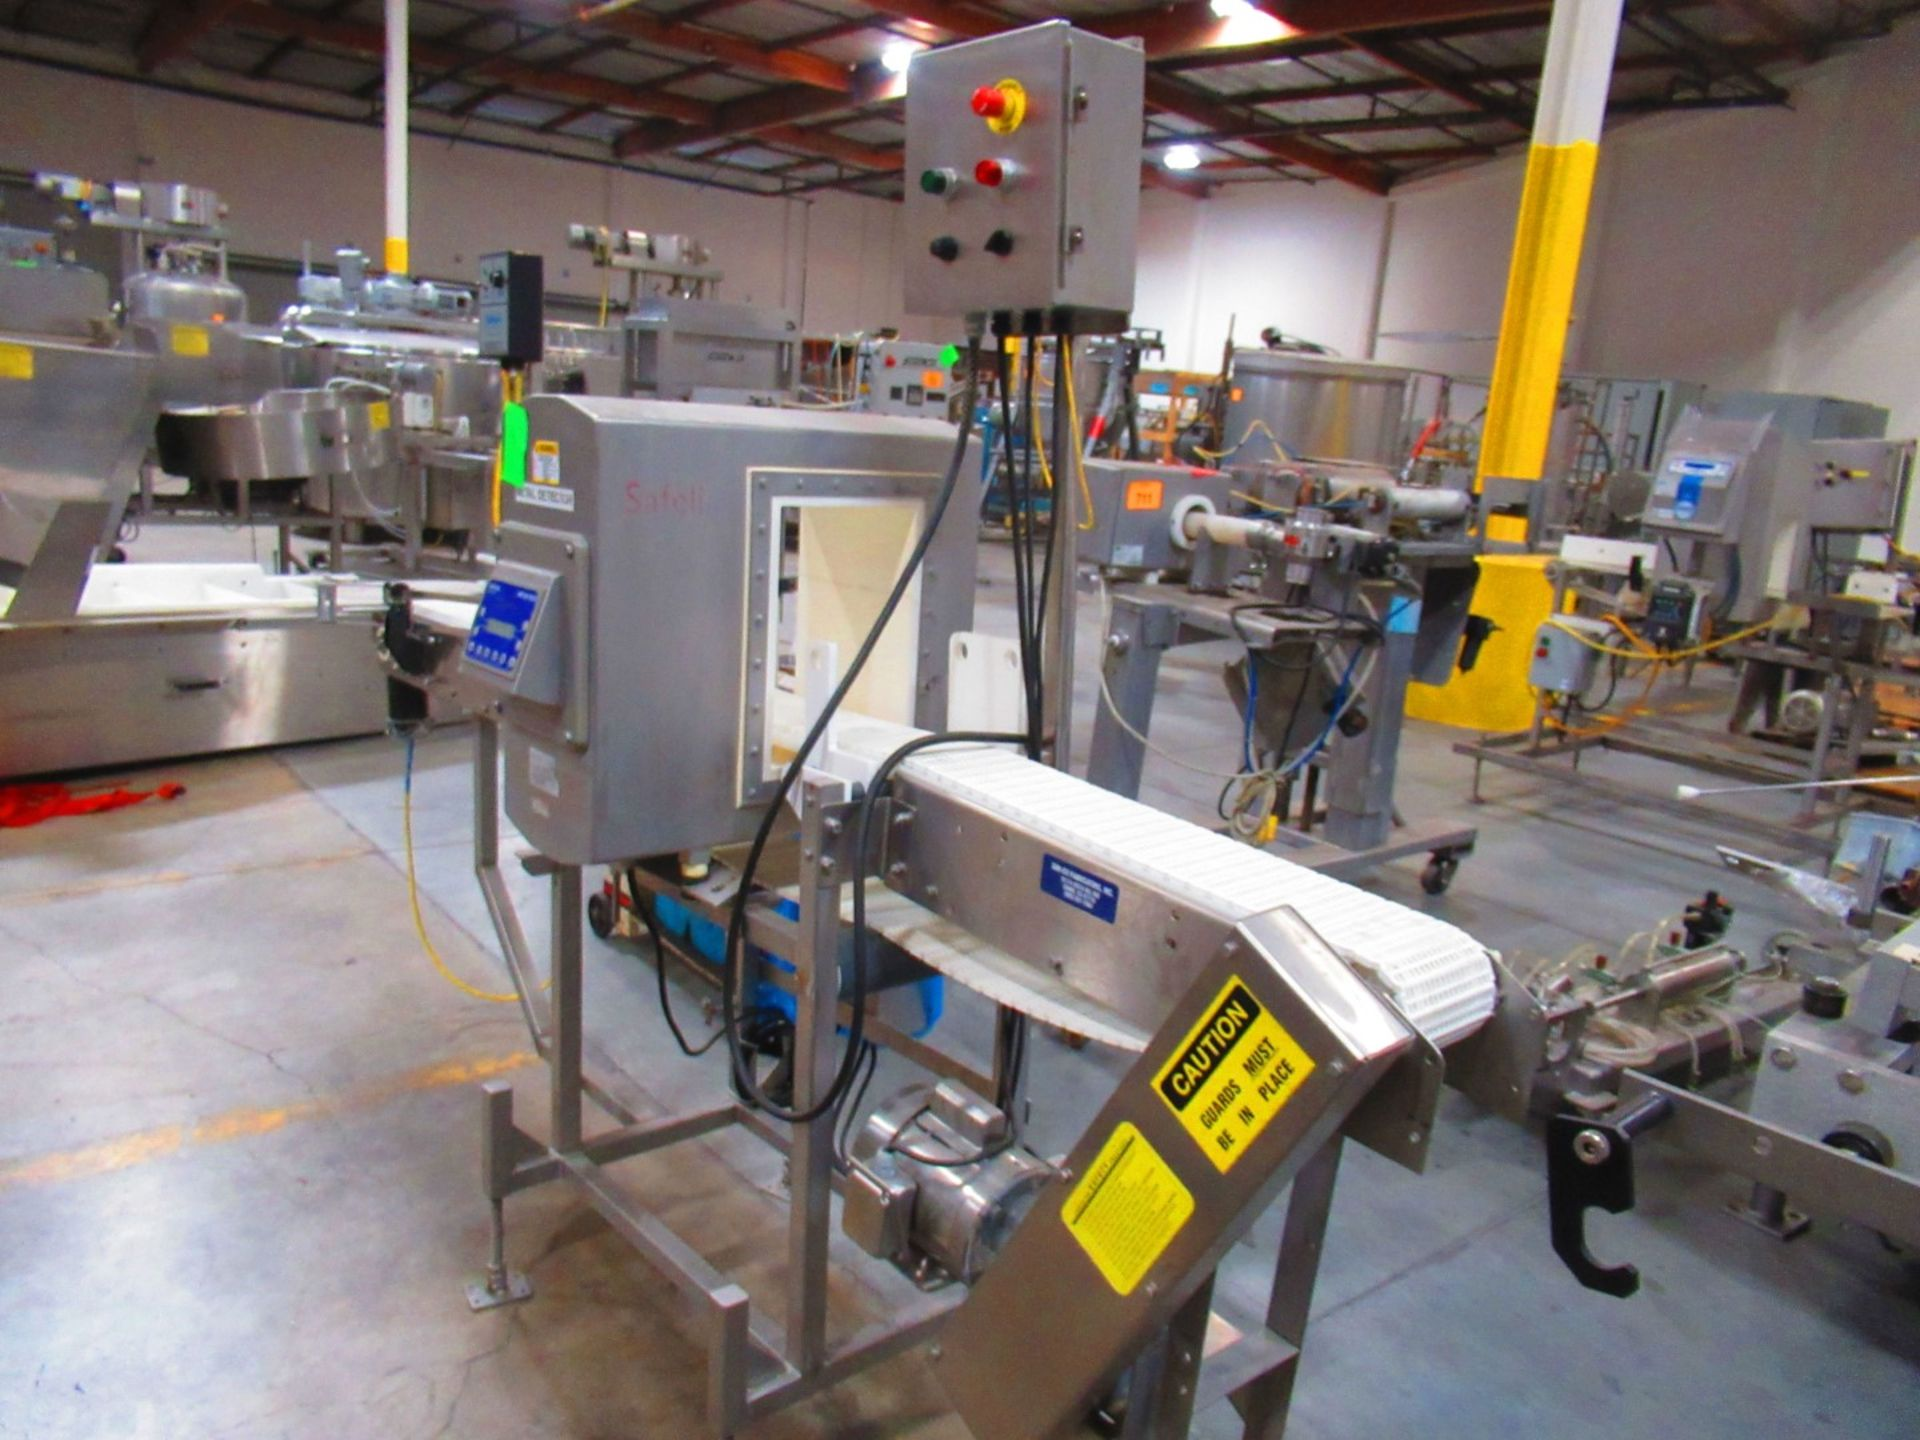 Metal Detector - Image 2 of 3